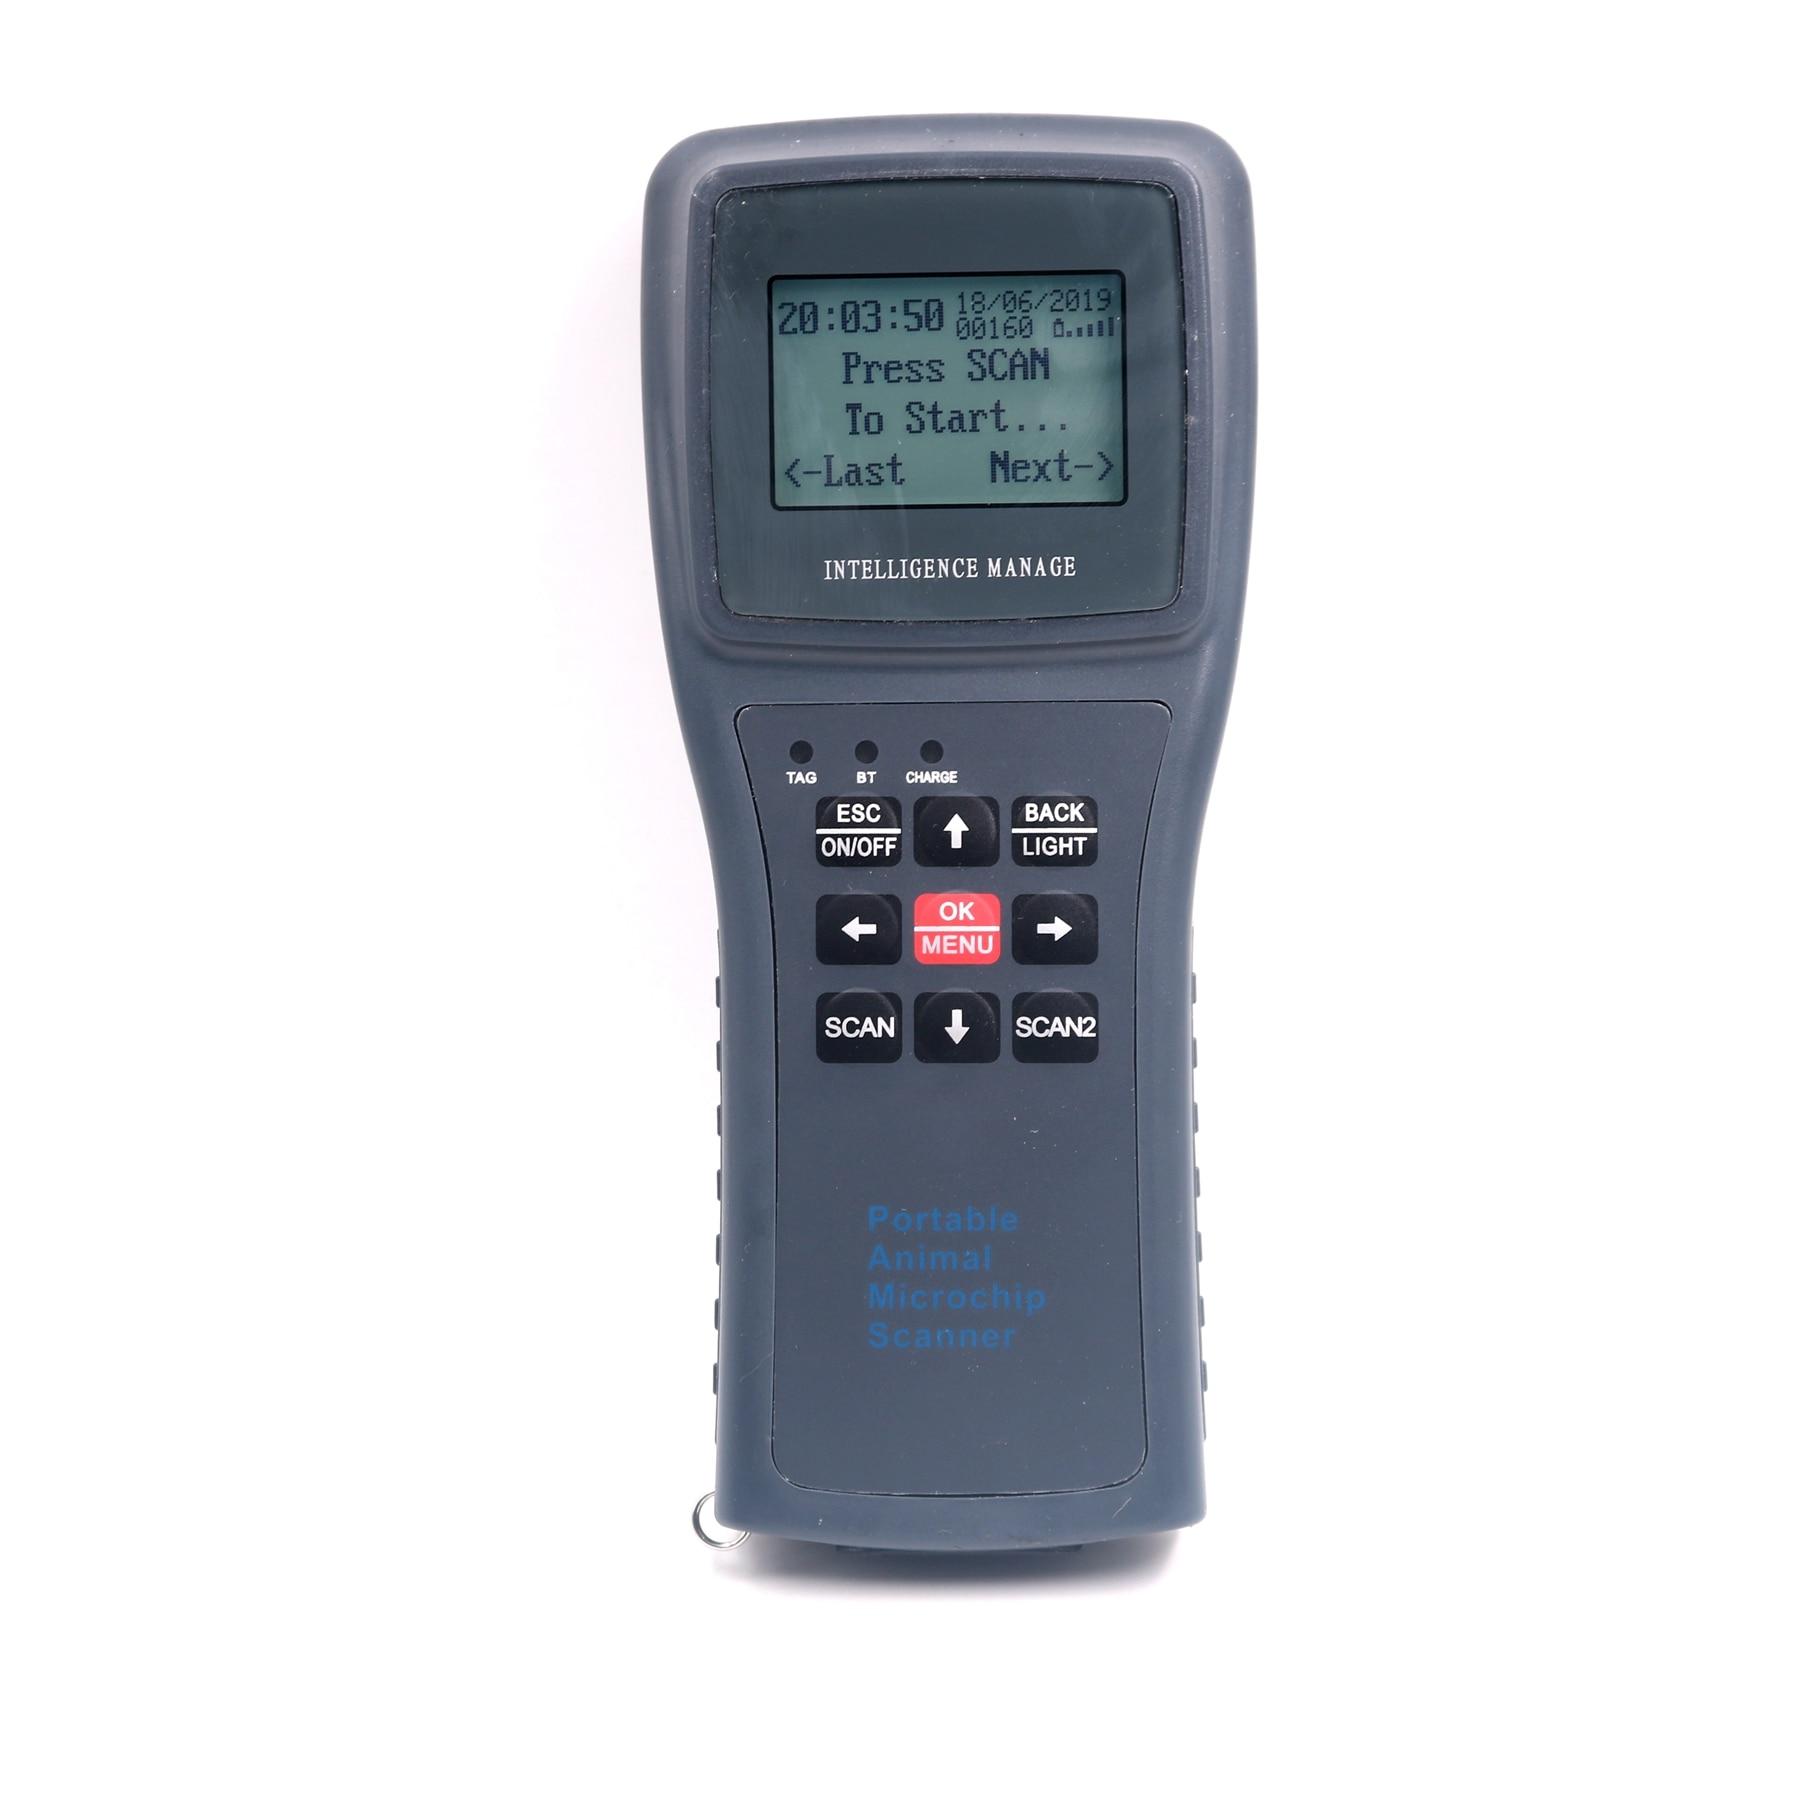 Lecteur tenu dans la main ISO11785/84 FDX-B d'étiquette d'oreille animale de longue portée de Scanner Animal portatif de puce de 134.2 KHz